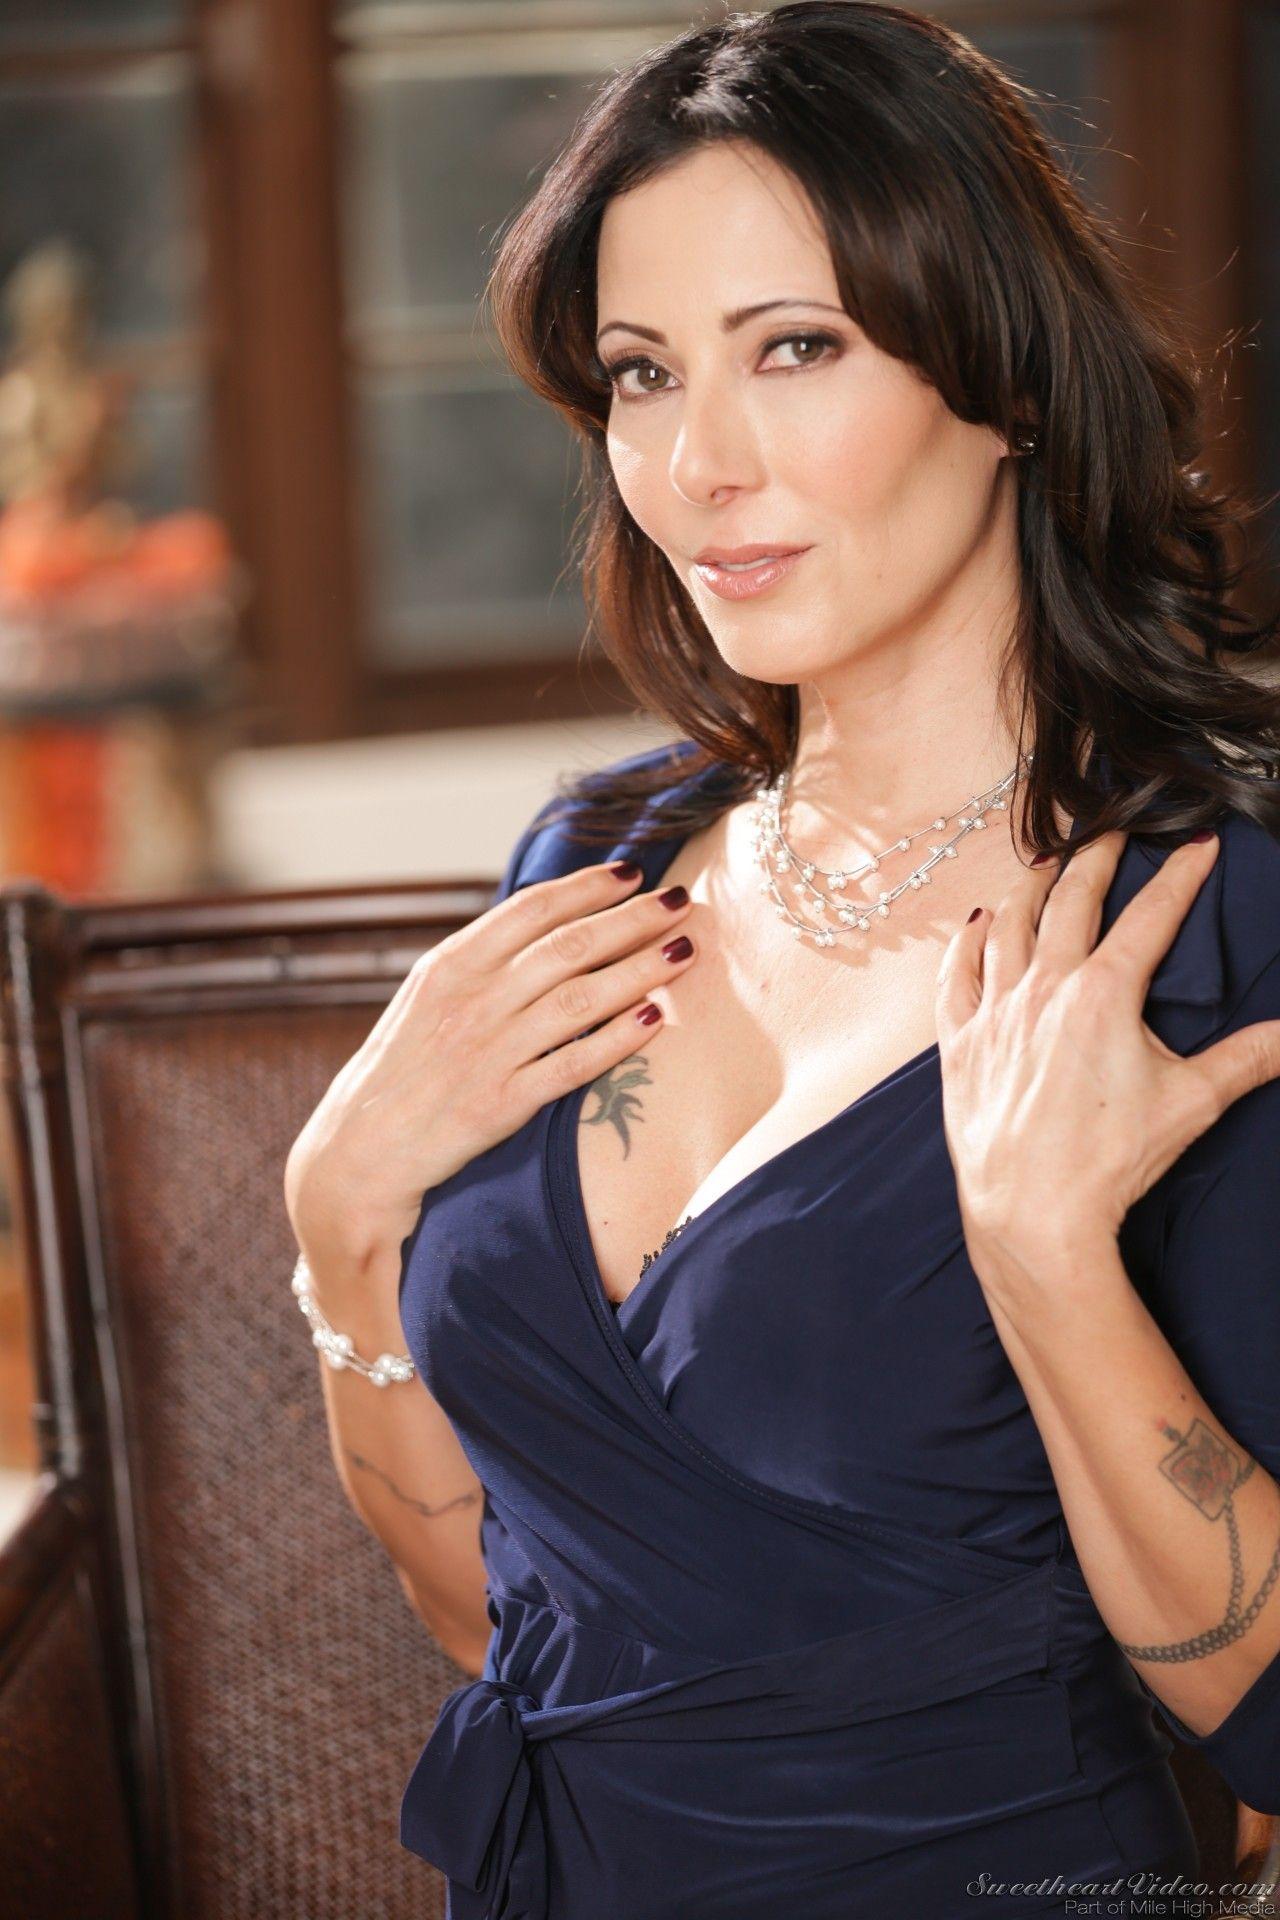 Zoey holloway porn videos